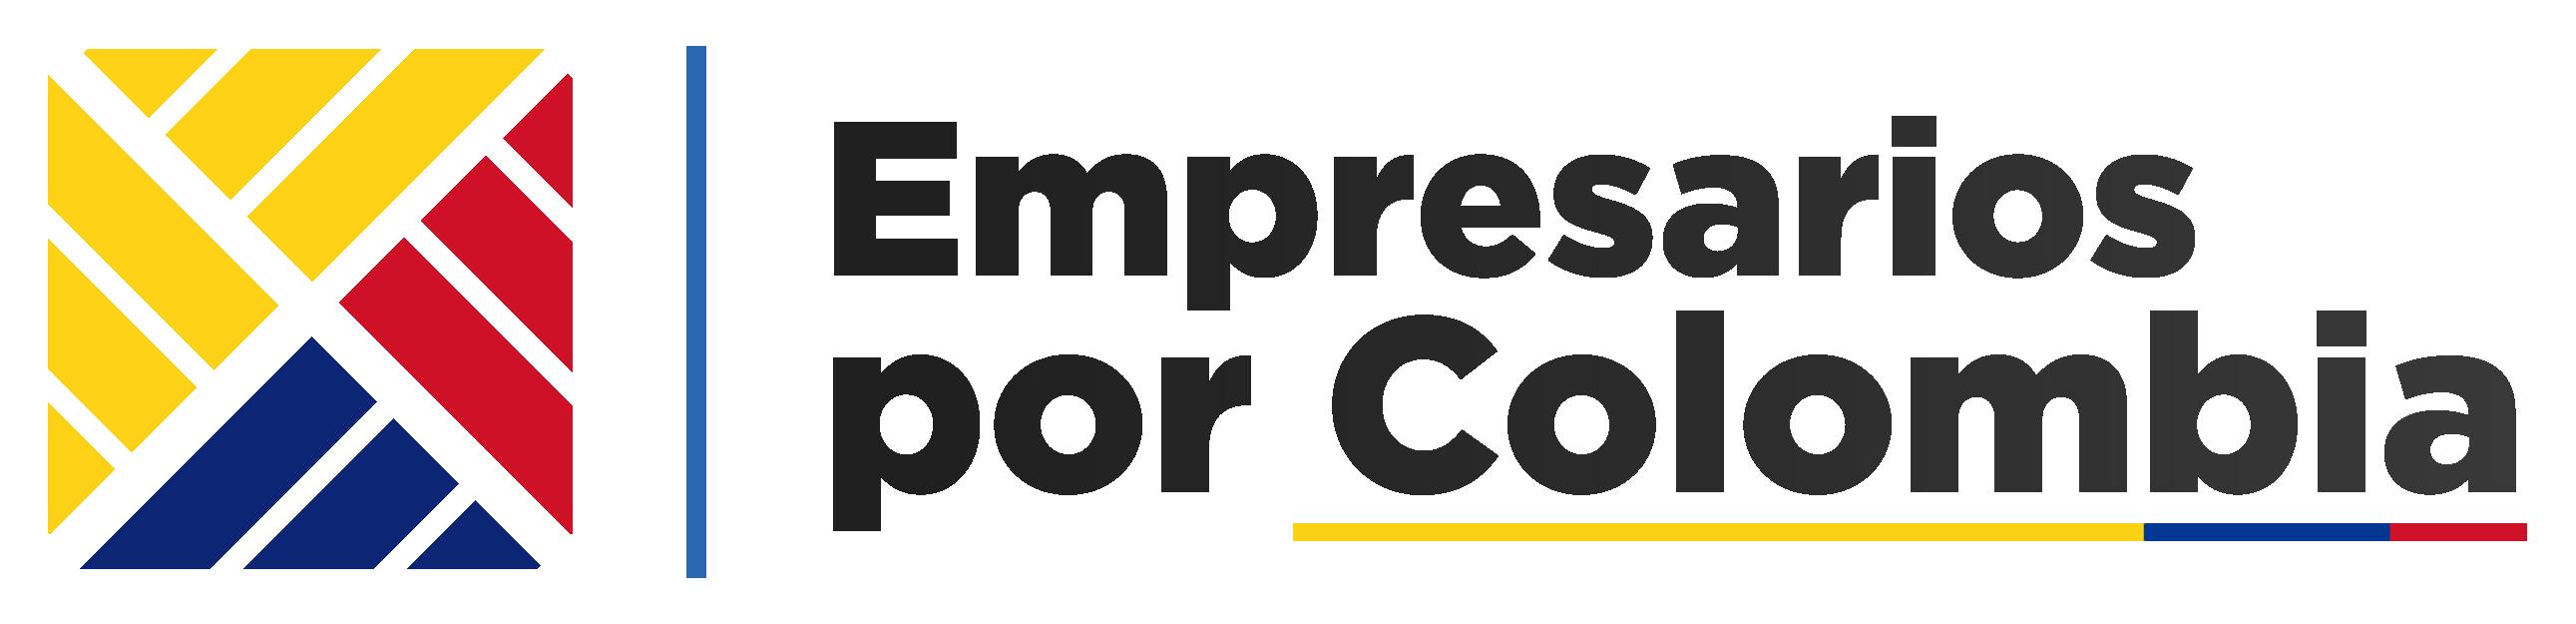 Empresarios por Colombia